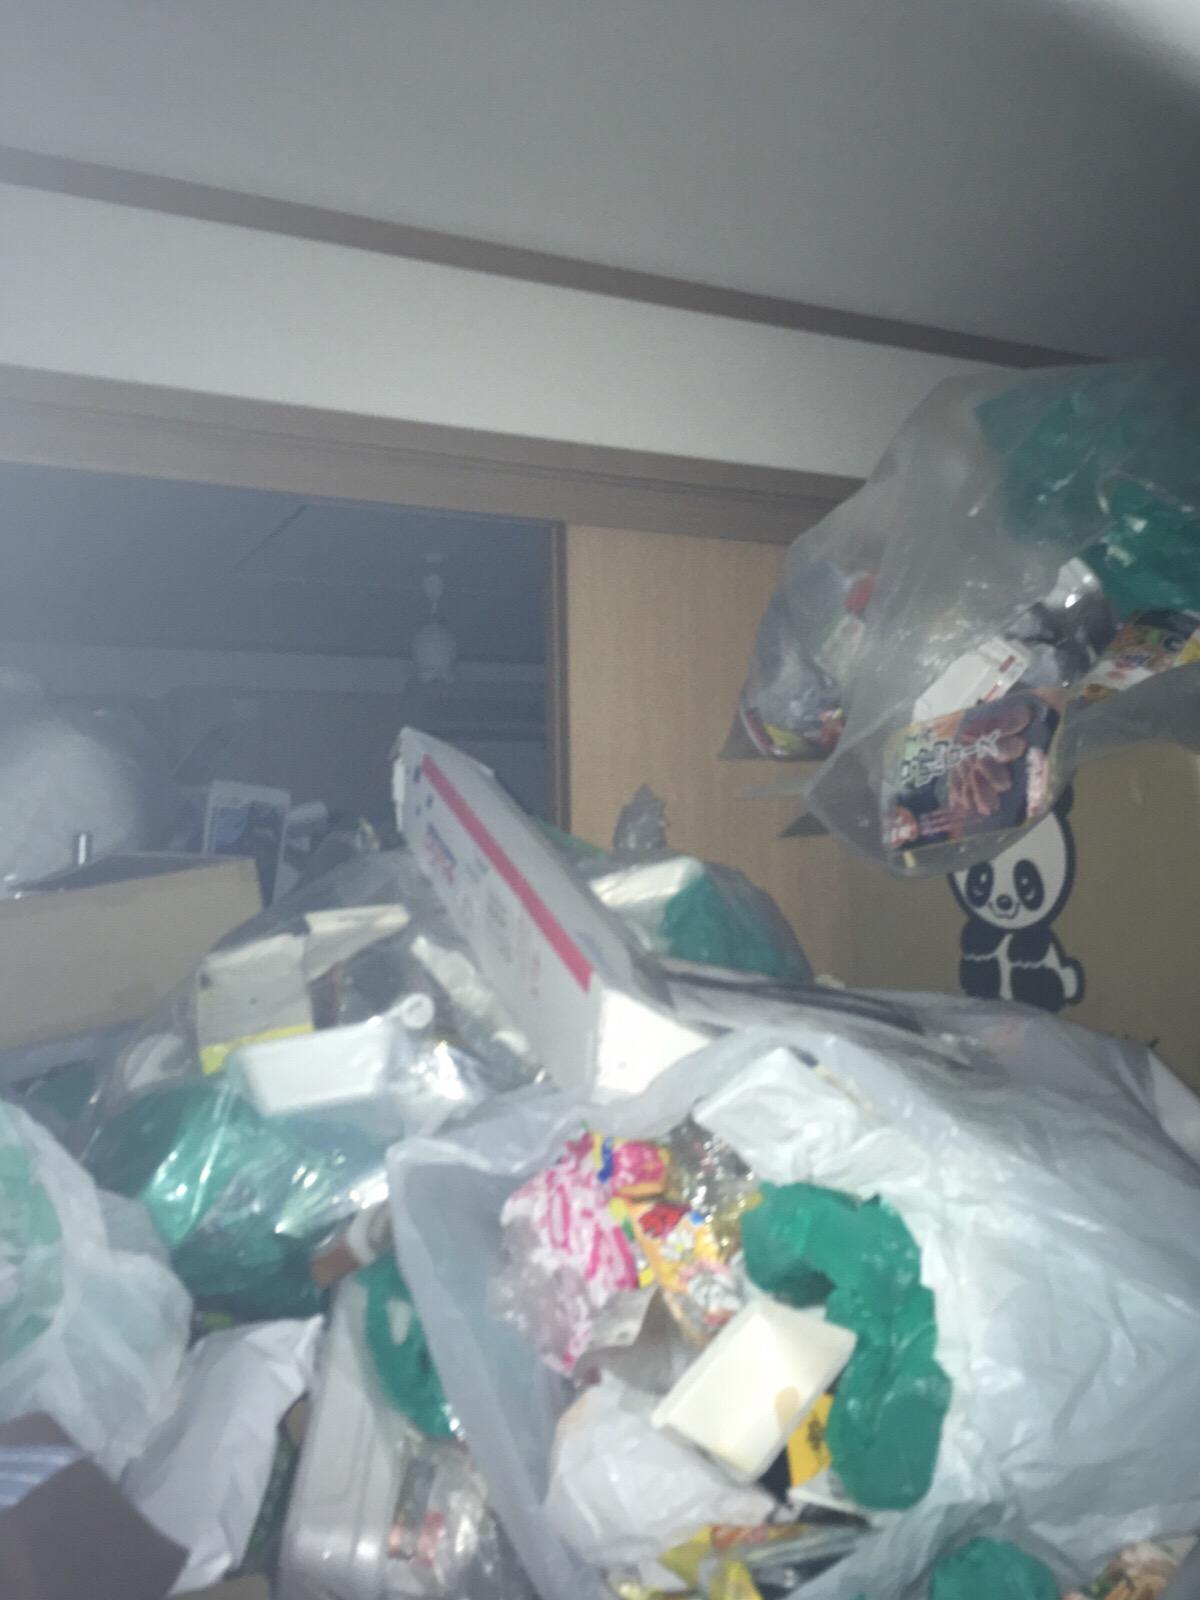 ニート 部屋 ゴミ屋敷